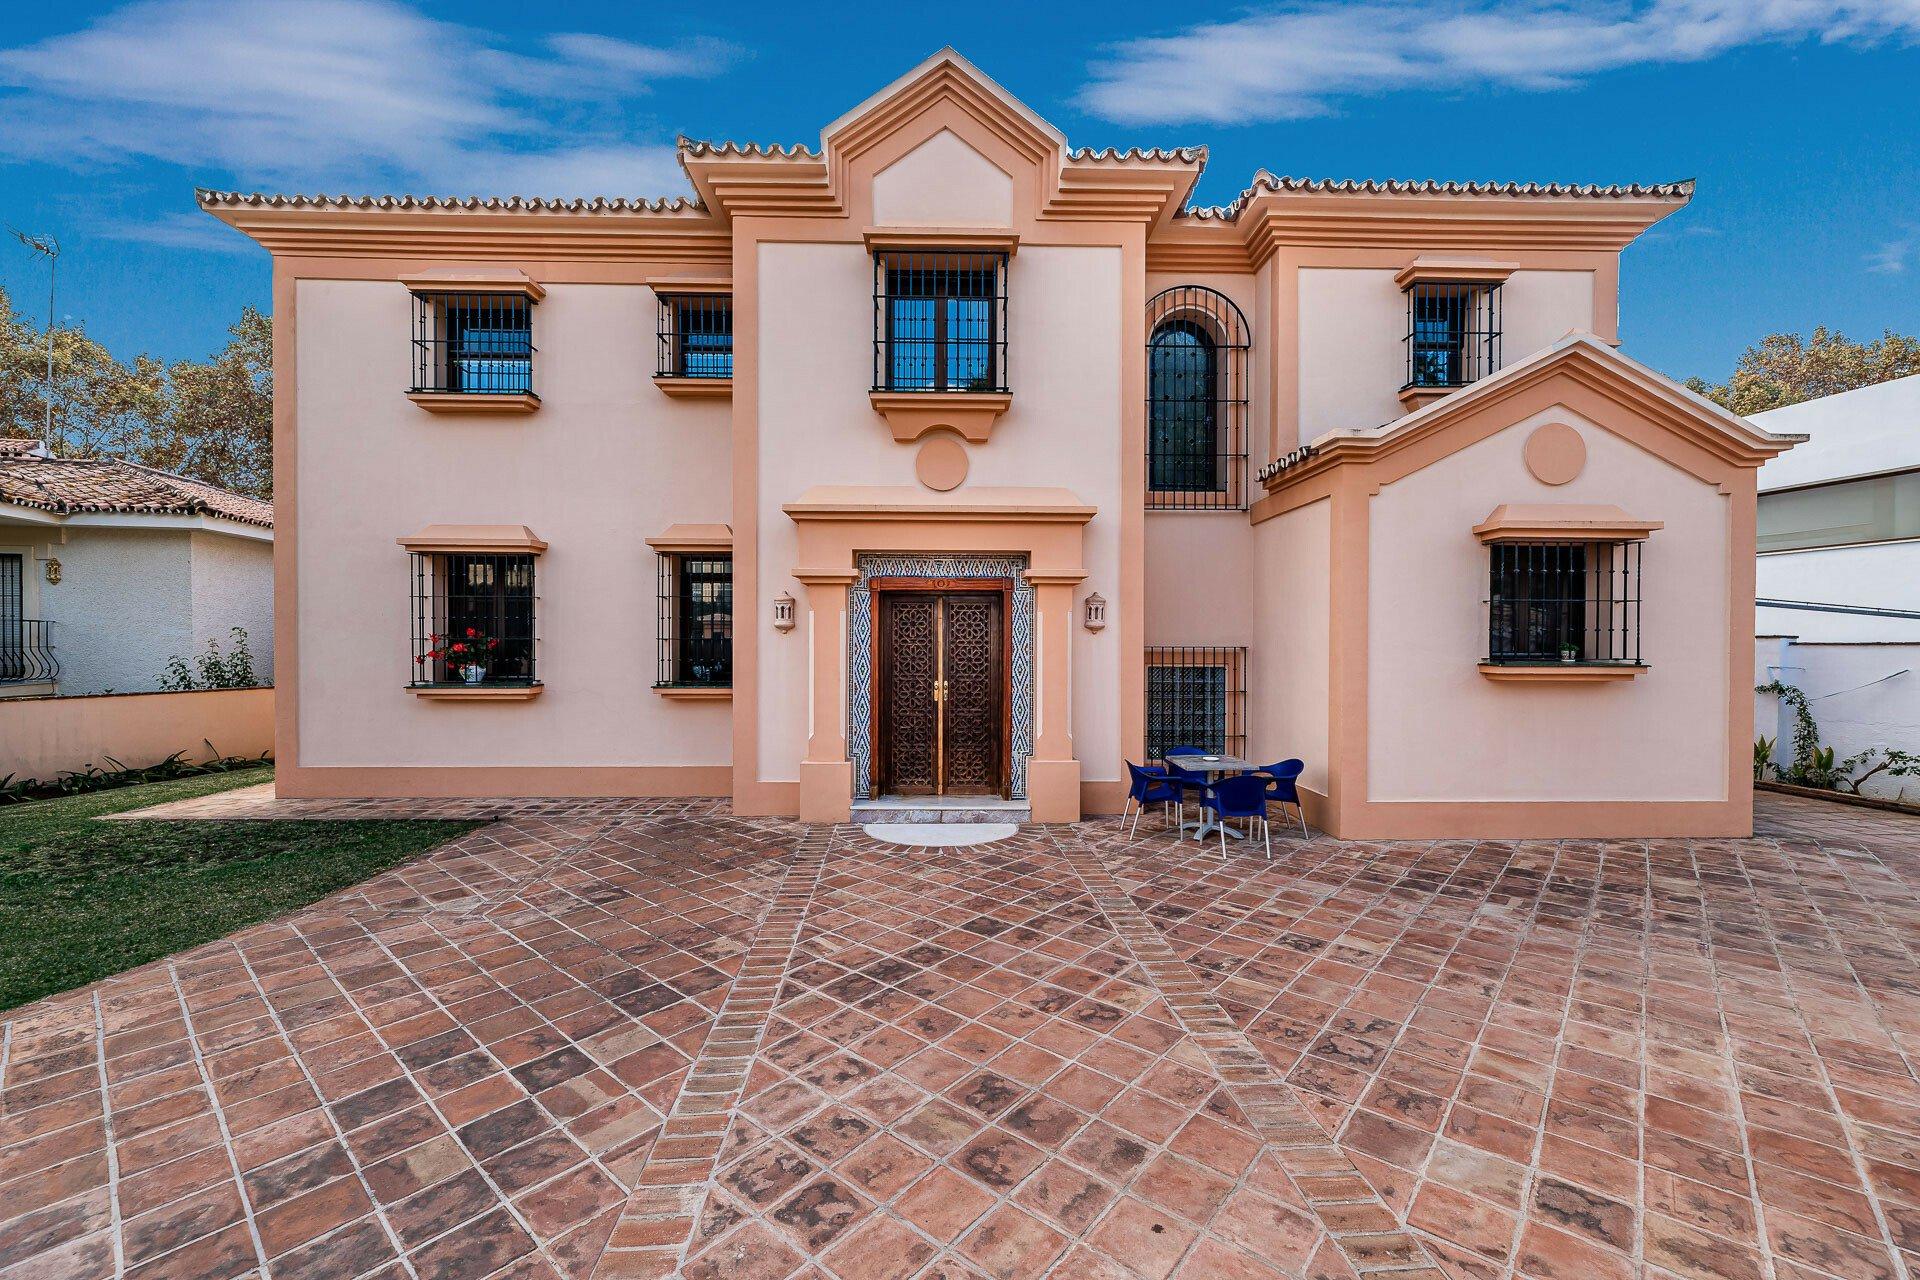 Villa in Marbella, Andalusia, Spain 1 - 11234055